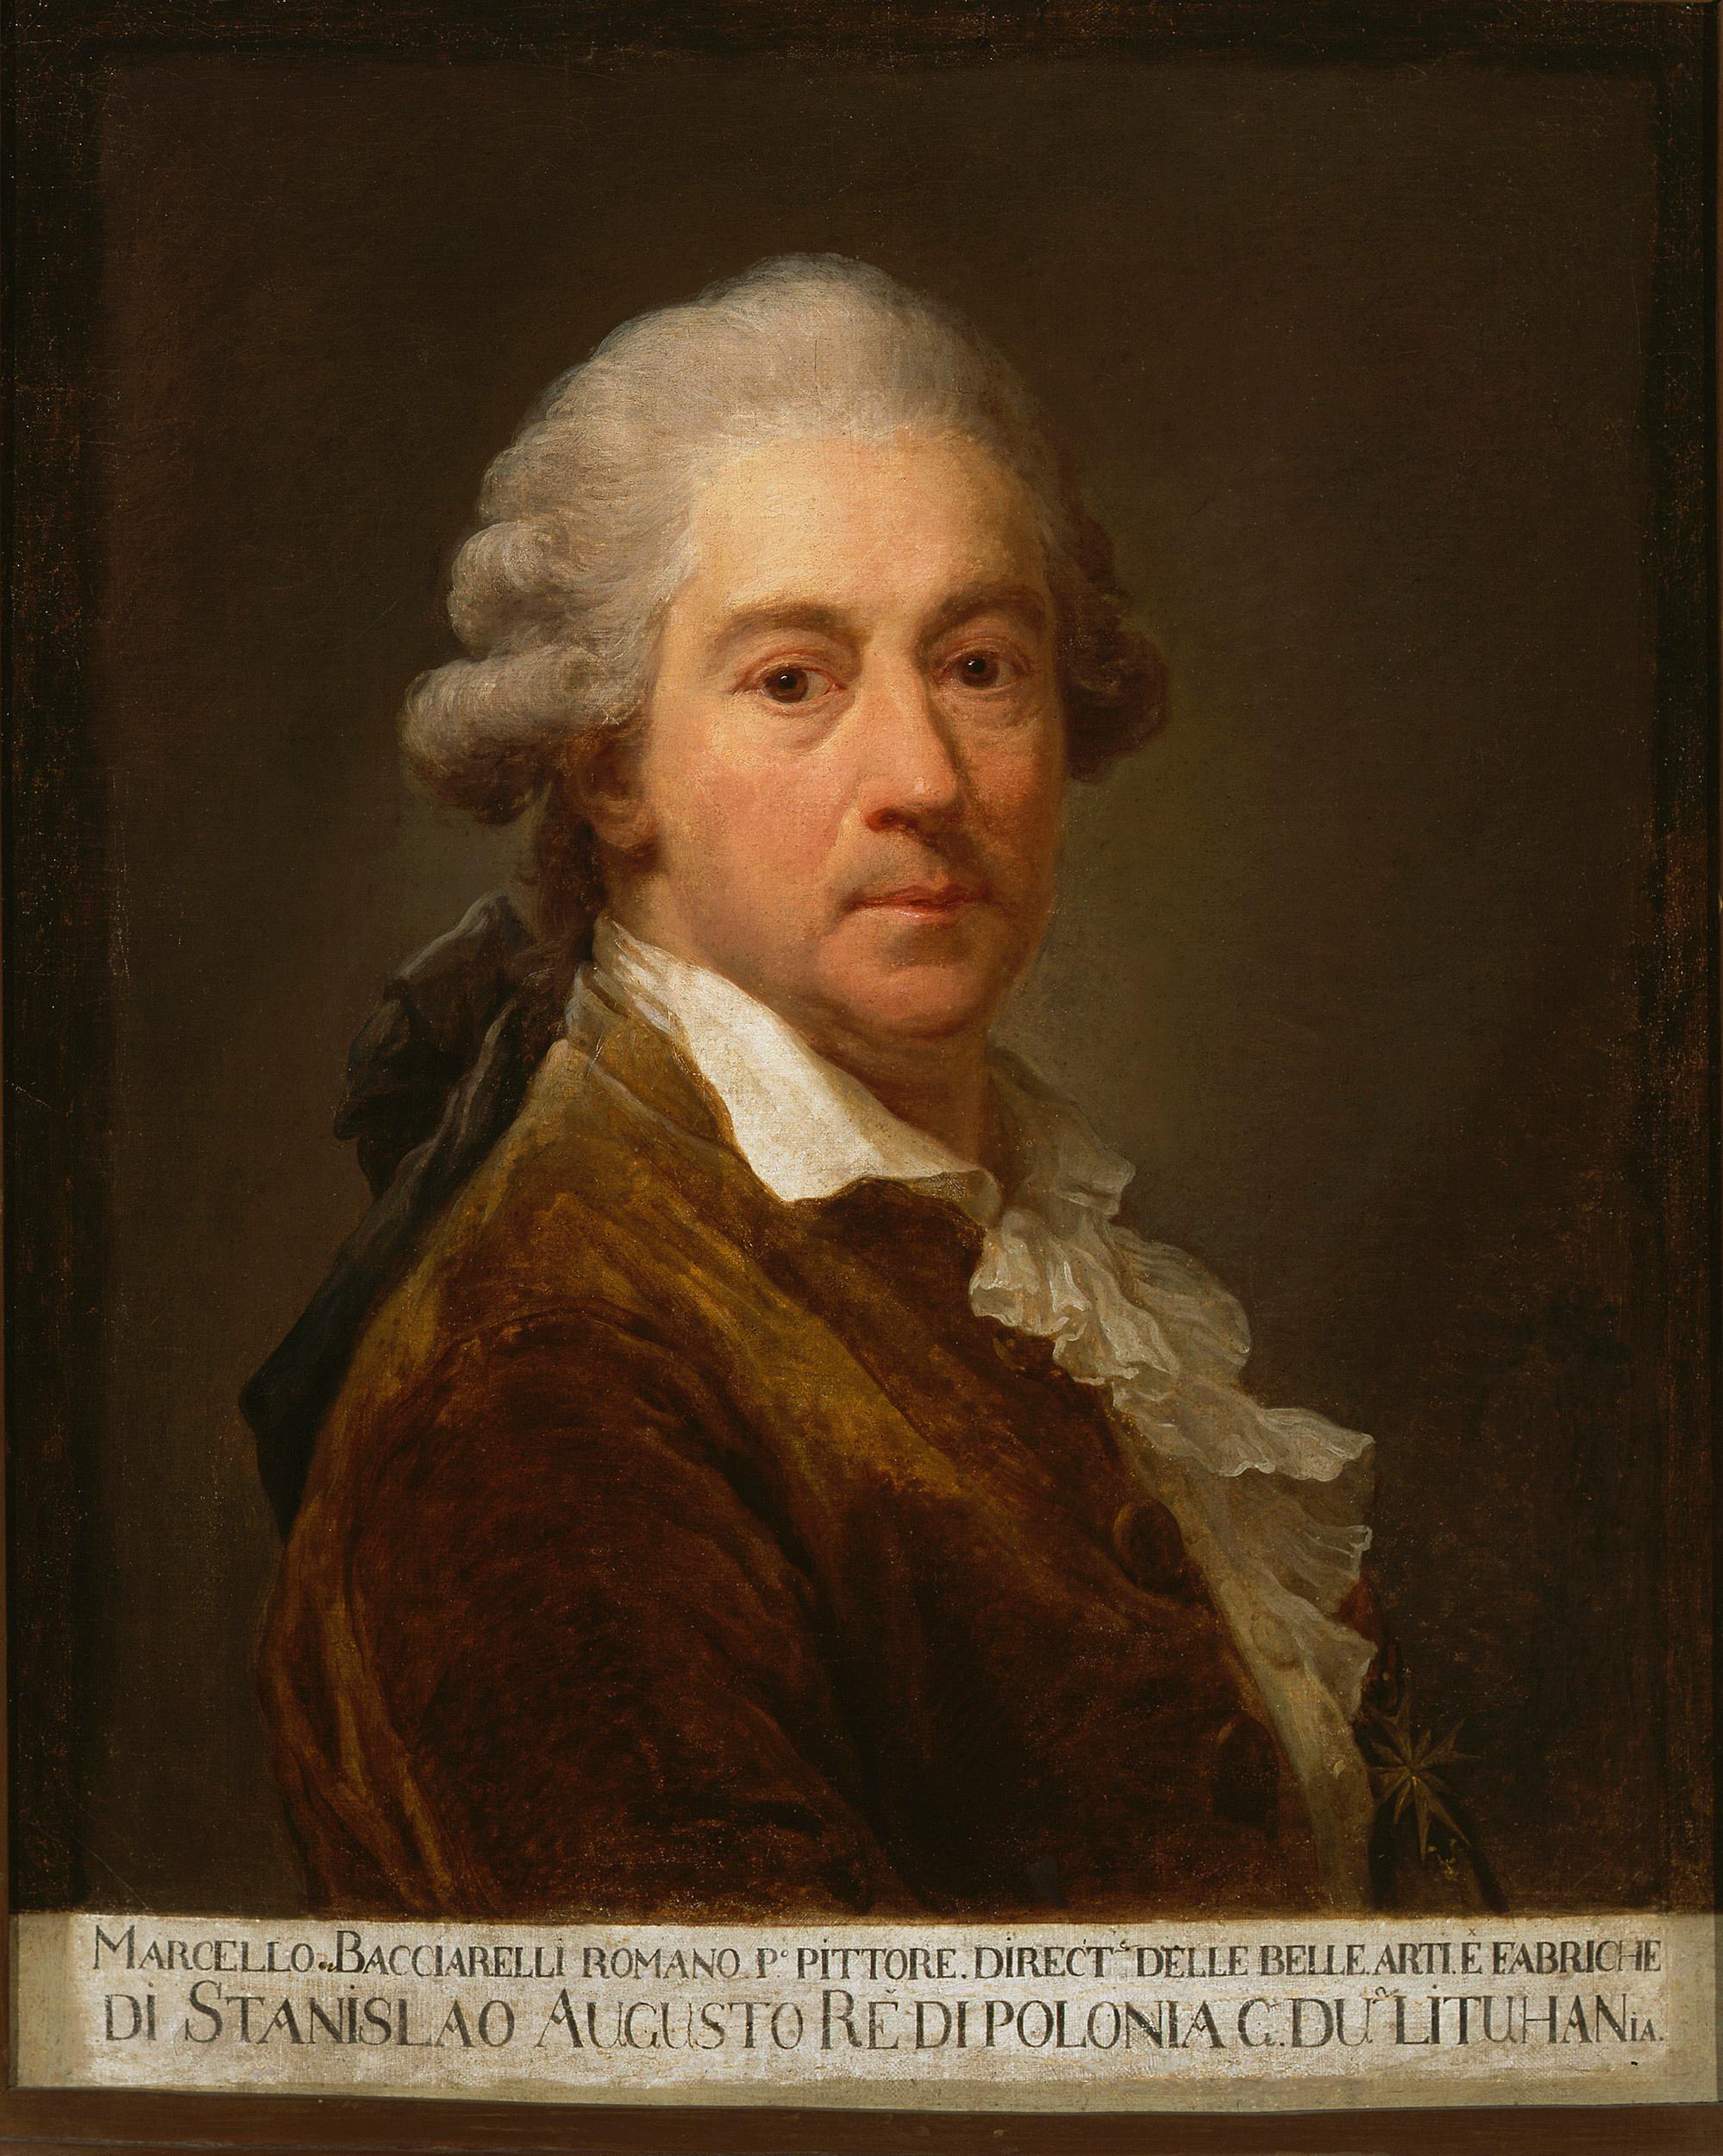 https://upload.wikimedia.org/wikipedia/commons/0/01/Marceli_Bacciarelli%2C_Autoportret_w_br%C4%85zowym_fraku.jpg